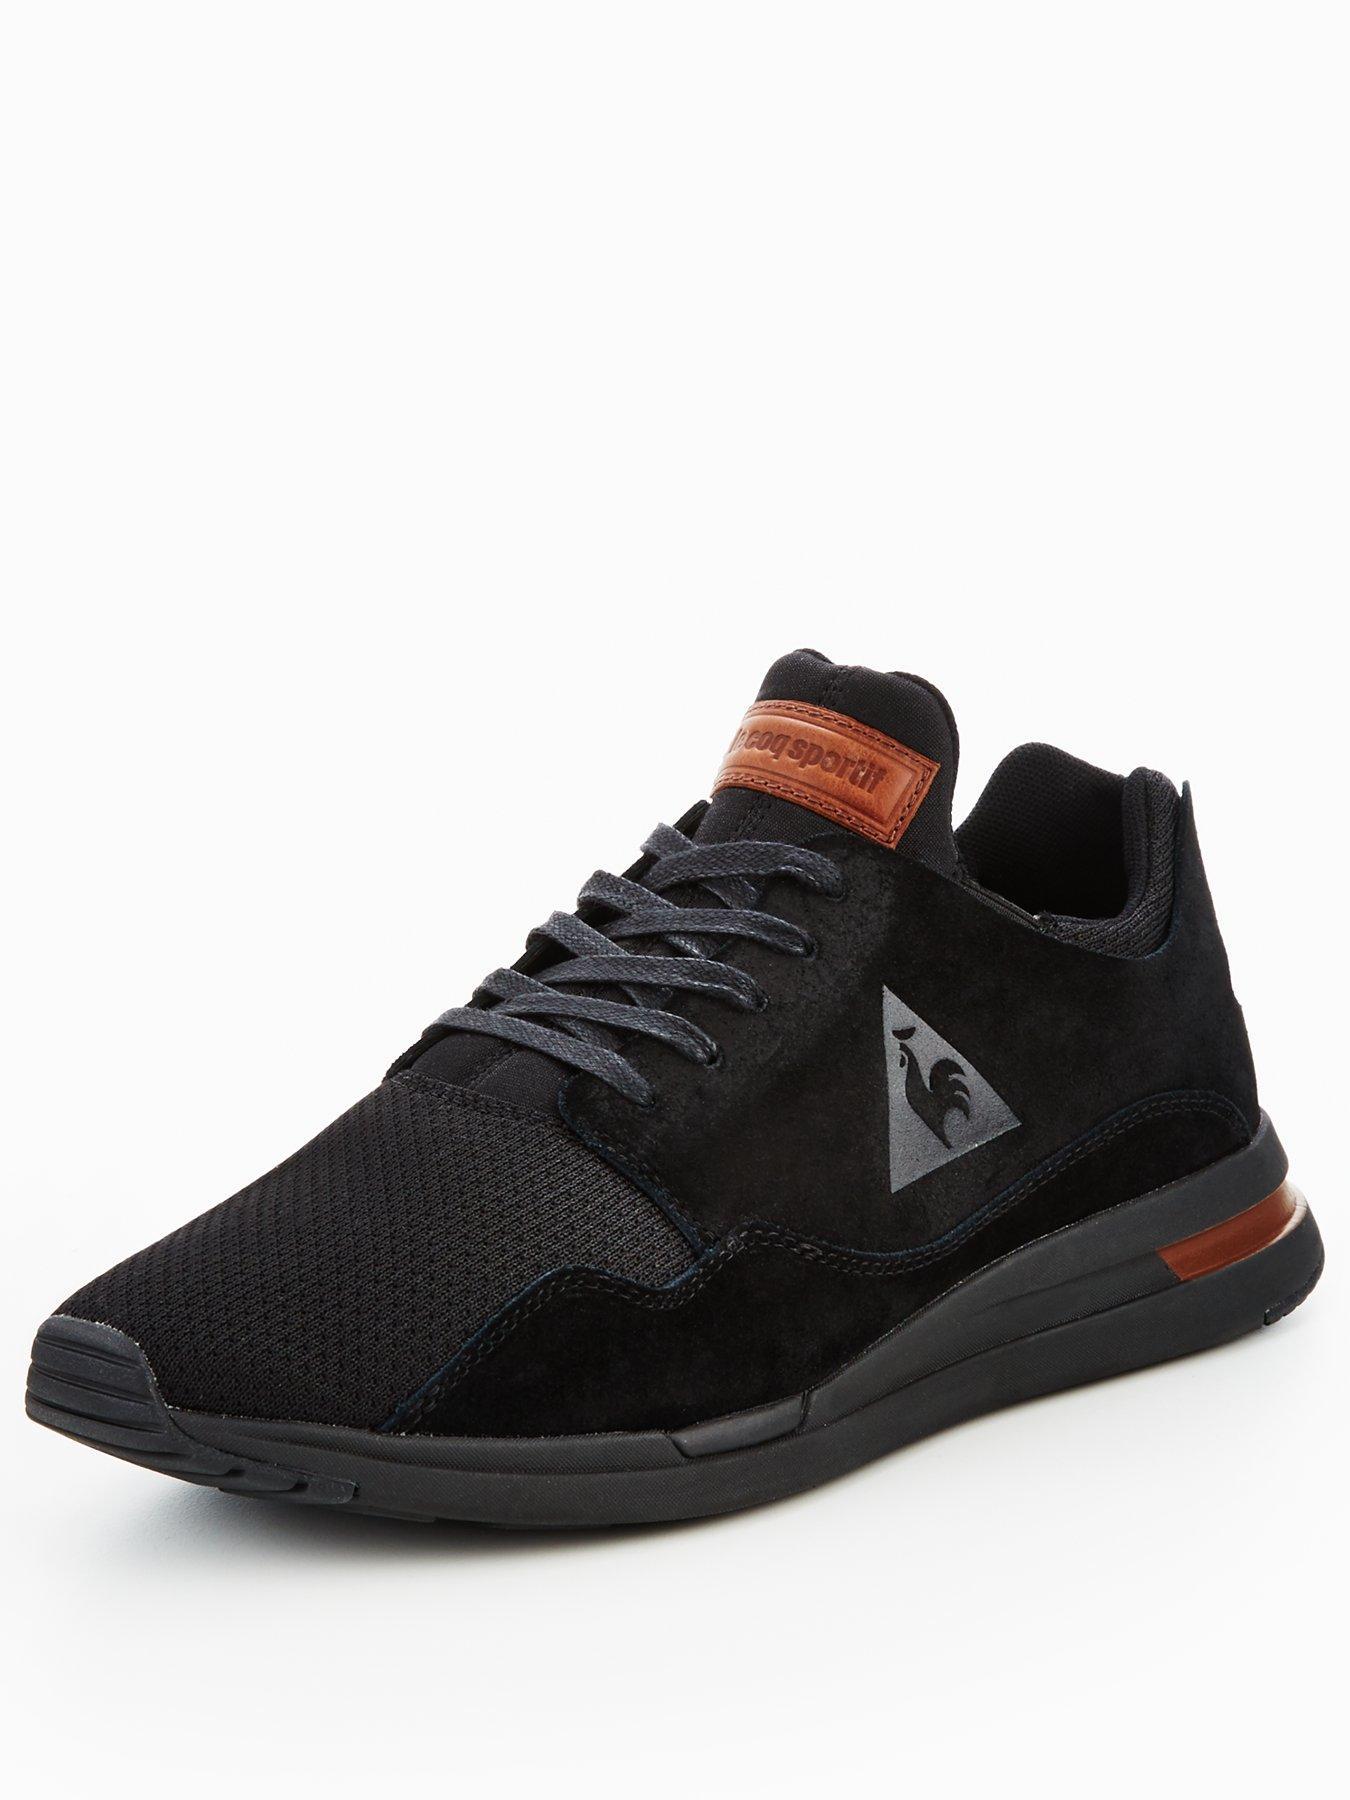 Le coq sportif R Pure Suede/mesh 1600176313 Men's Shoes Le coq sportif Trainers